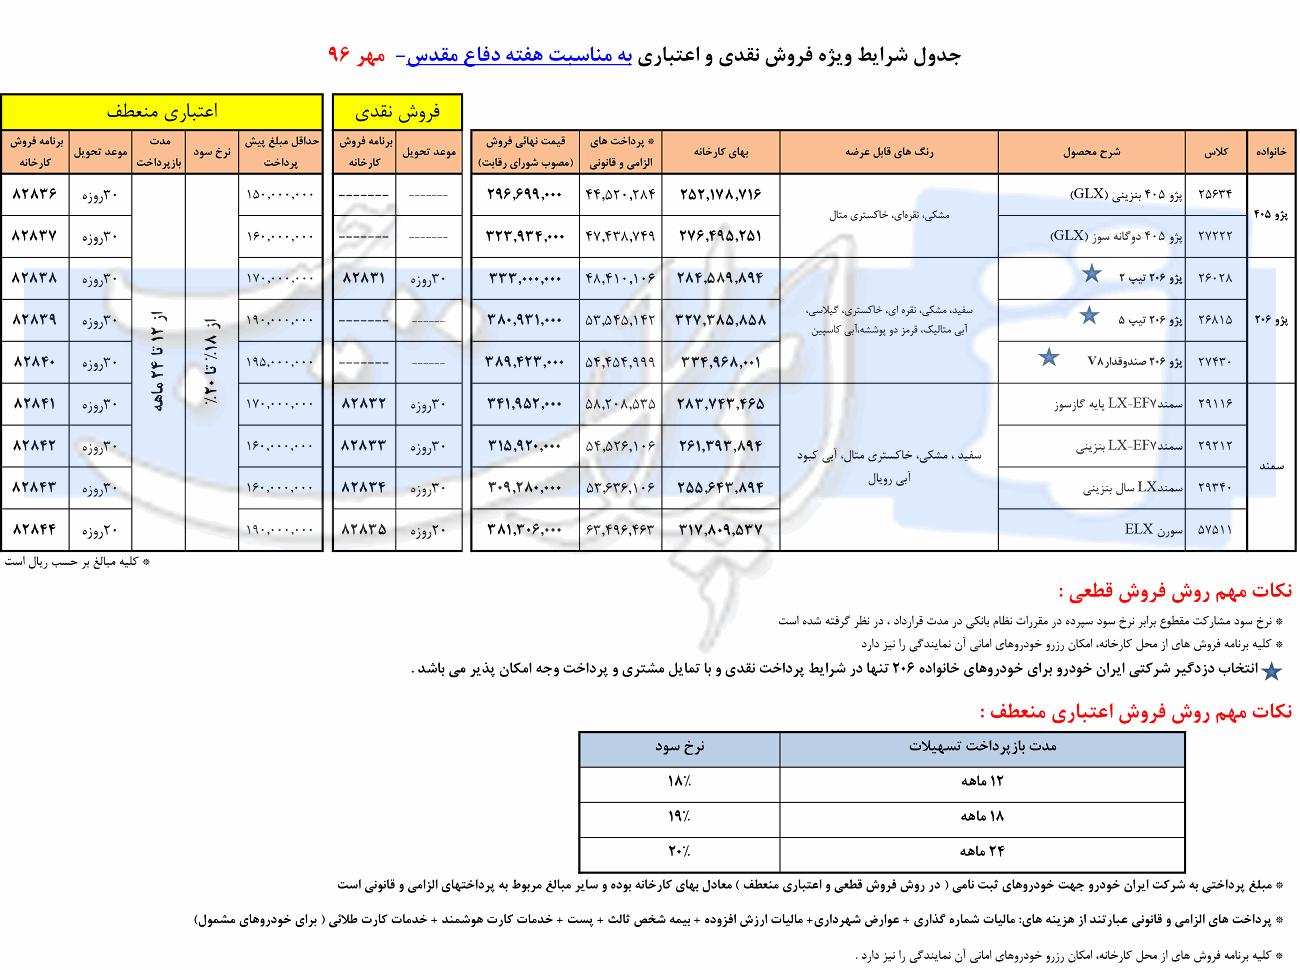 شرایط ویژه فروش نقدی و اقساطی ایران خودرو به مناسبت هفته دفاع مقدس – مهر 96